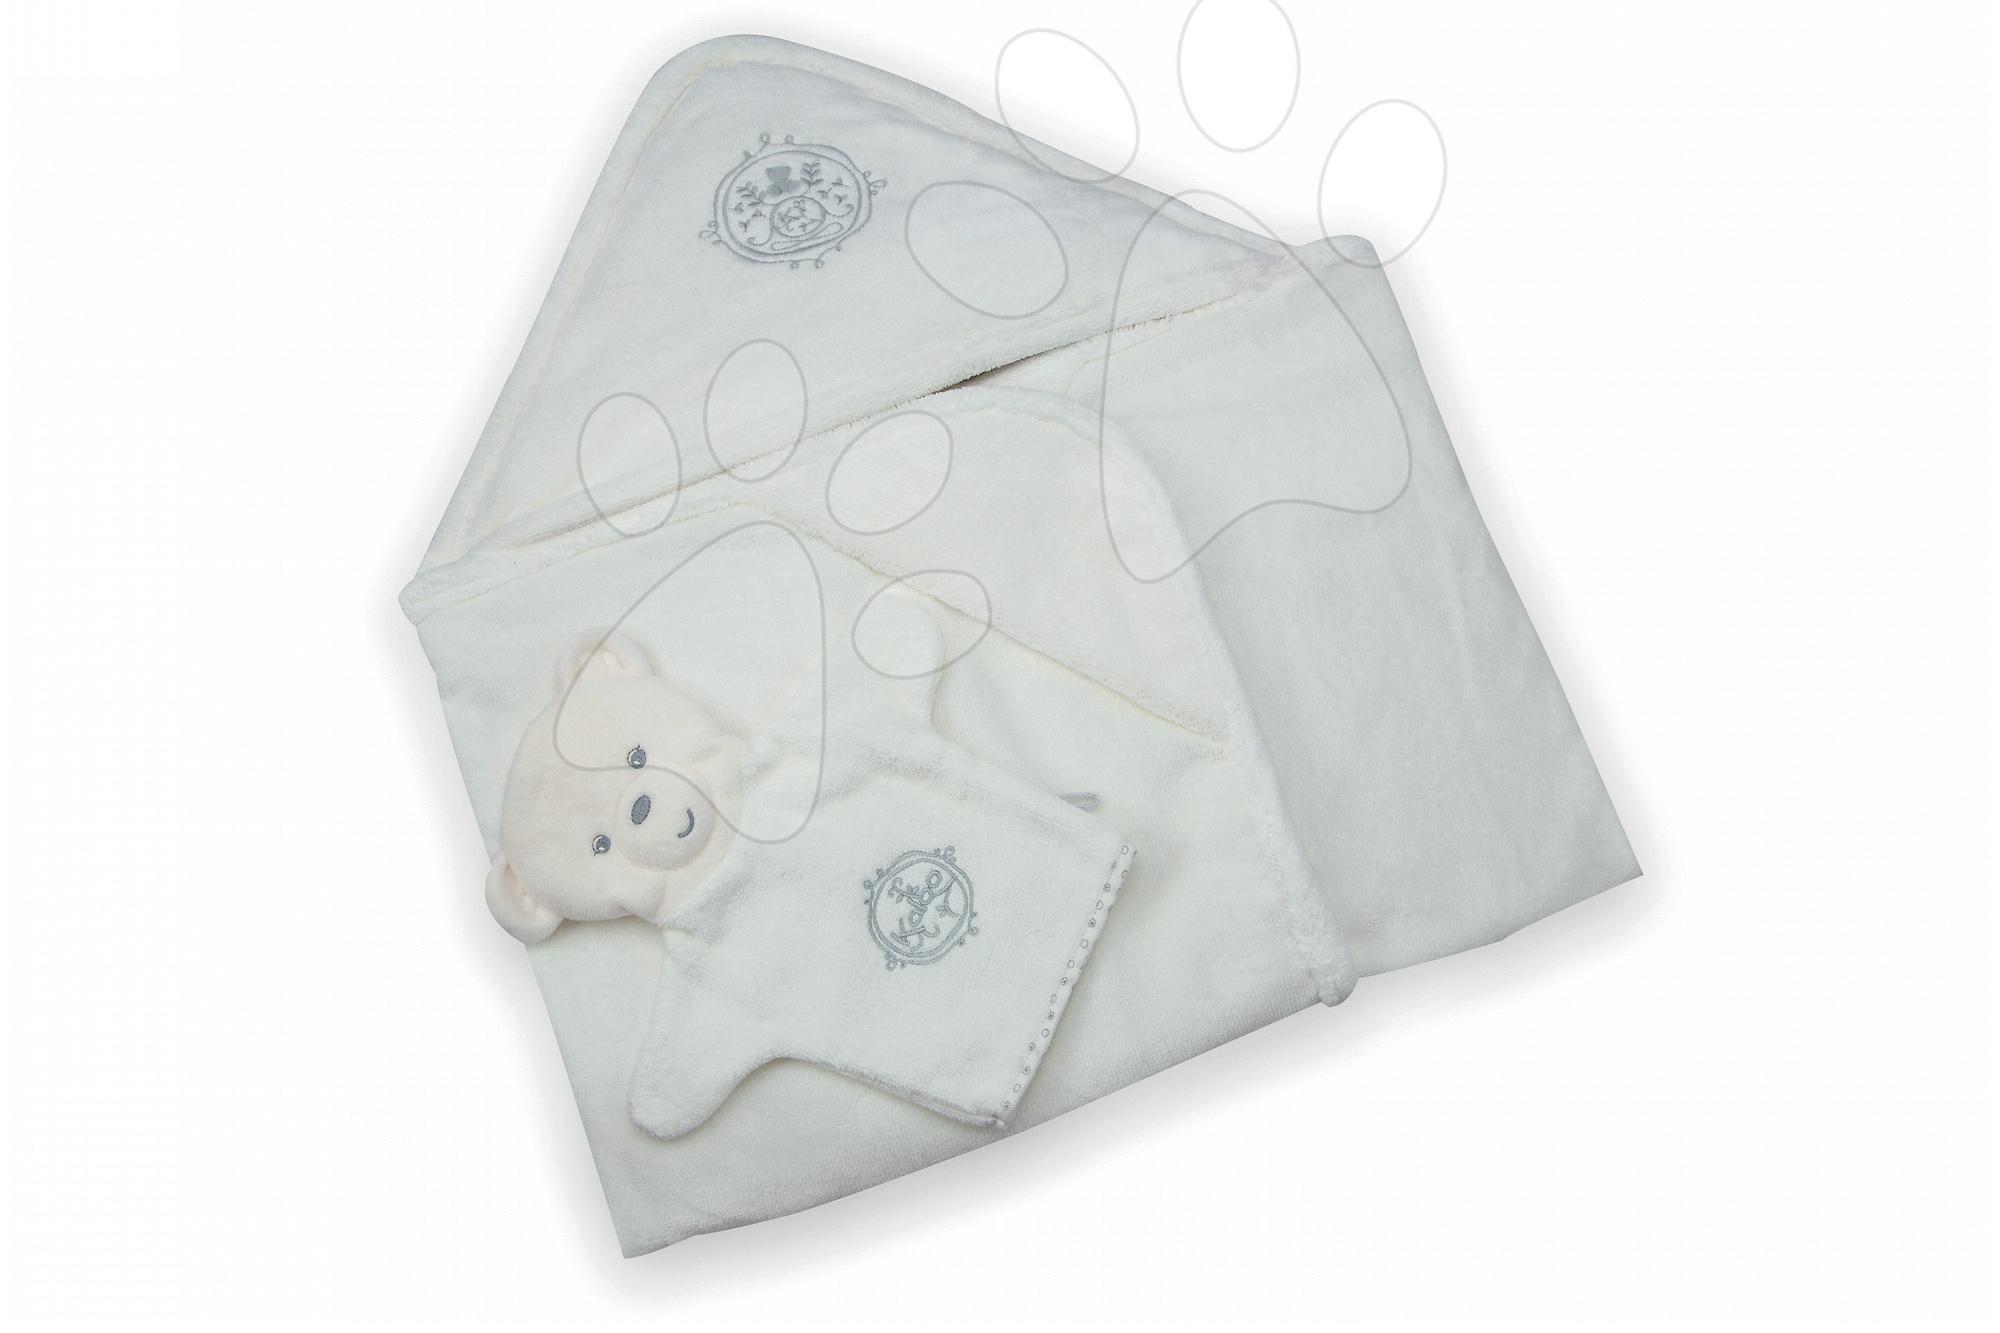 Dojčenské osušky - Osuška s kapucňou pre najmenších Perle-Bath Kaloo so žinkou biela od 0 mesiacov